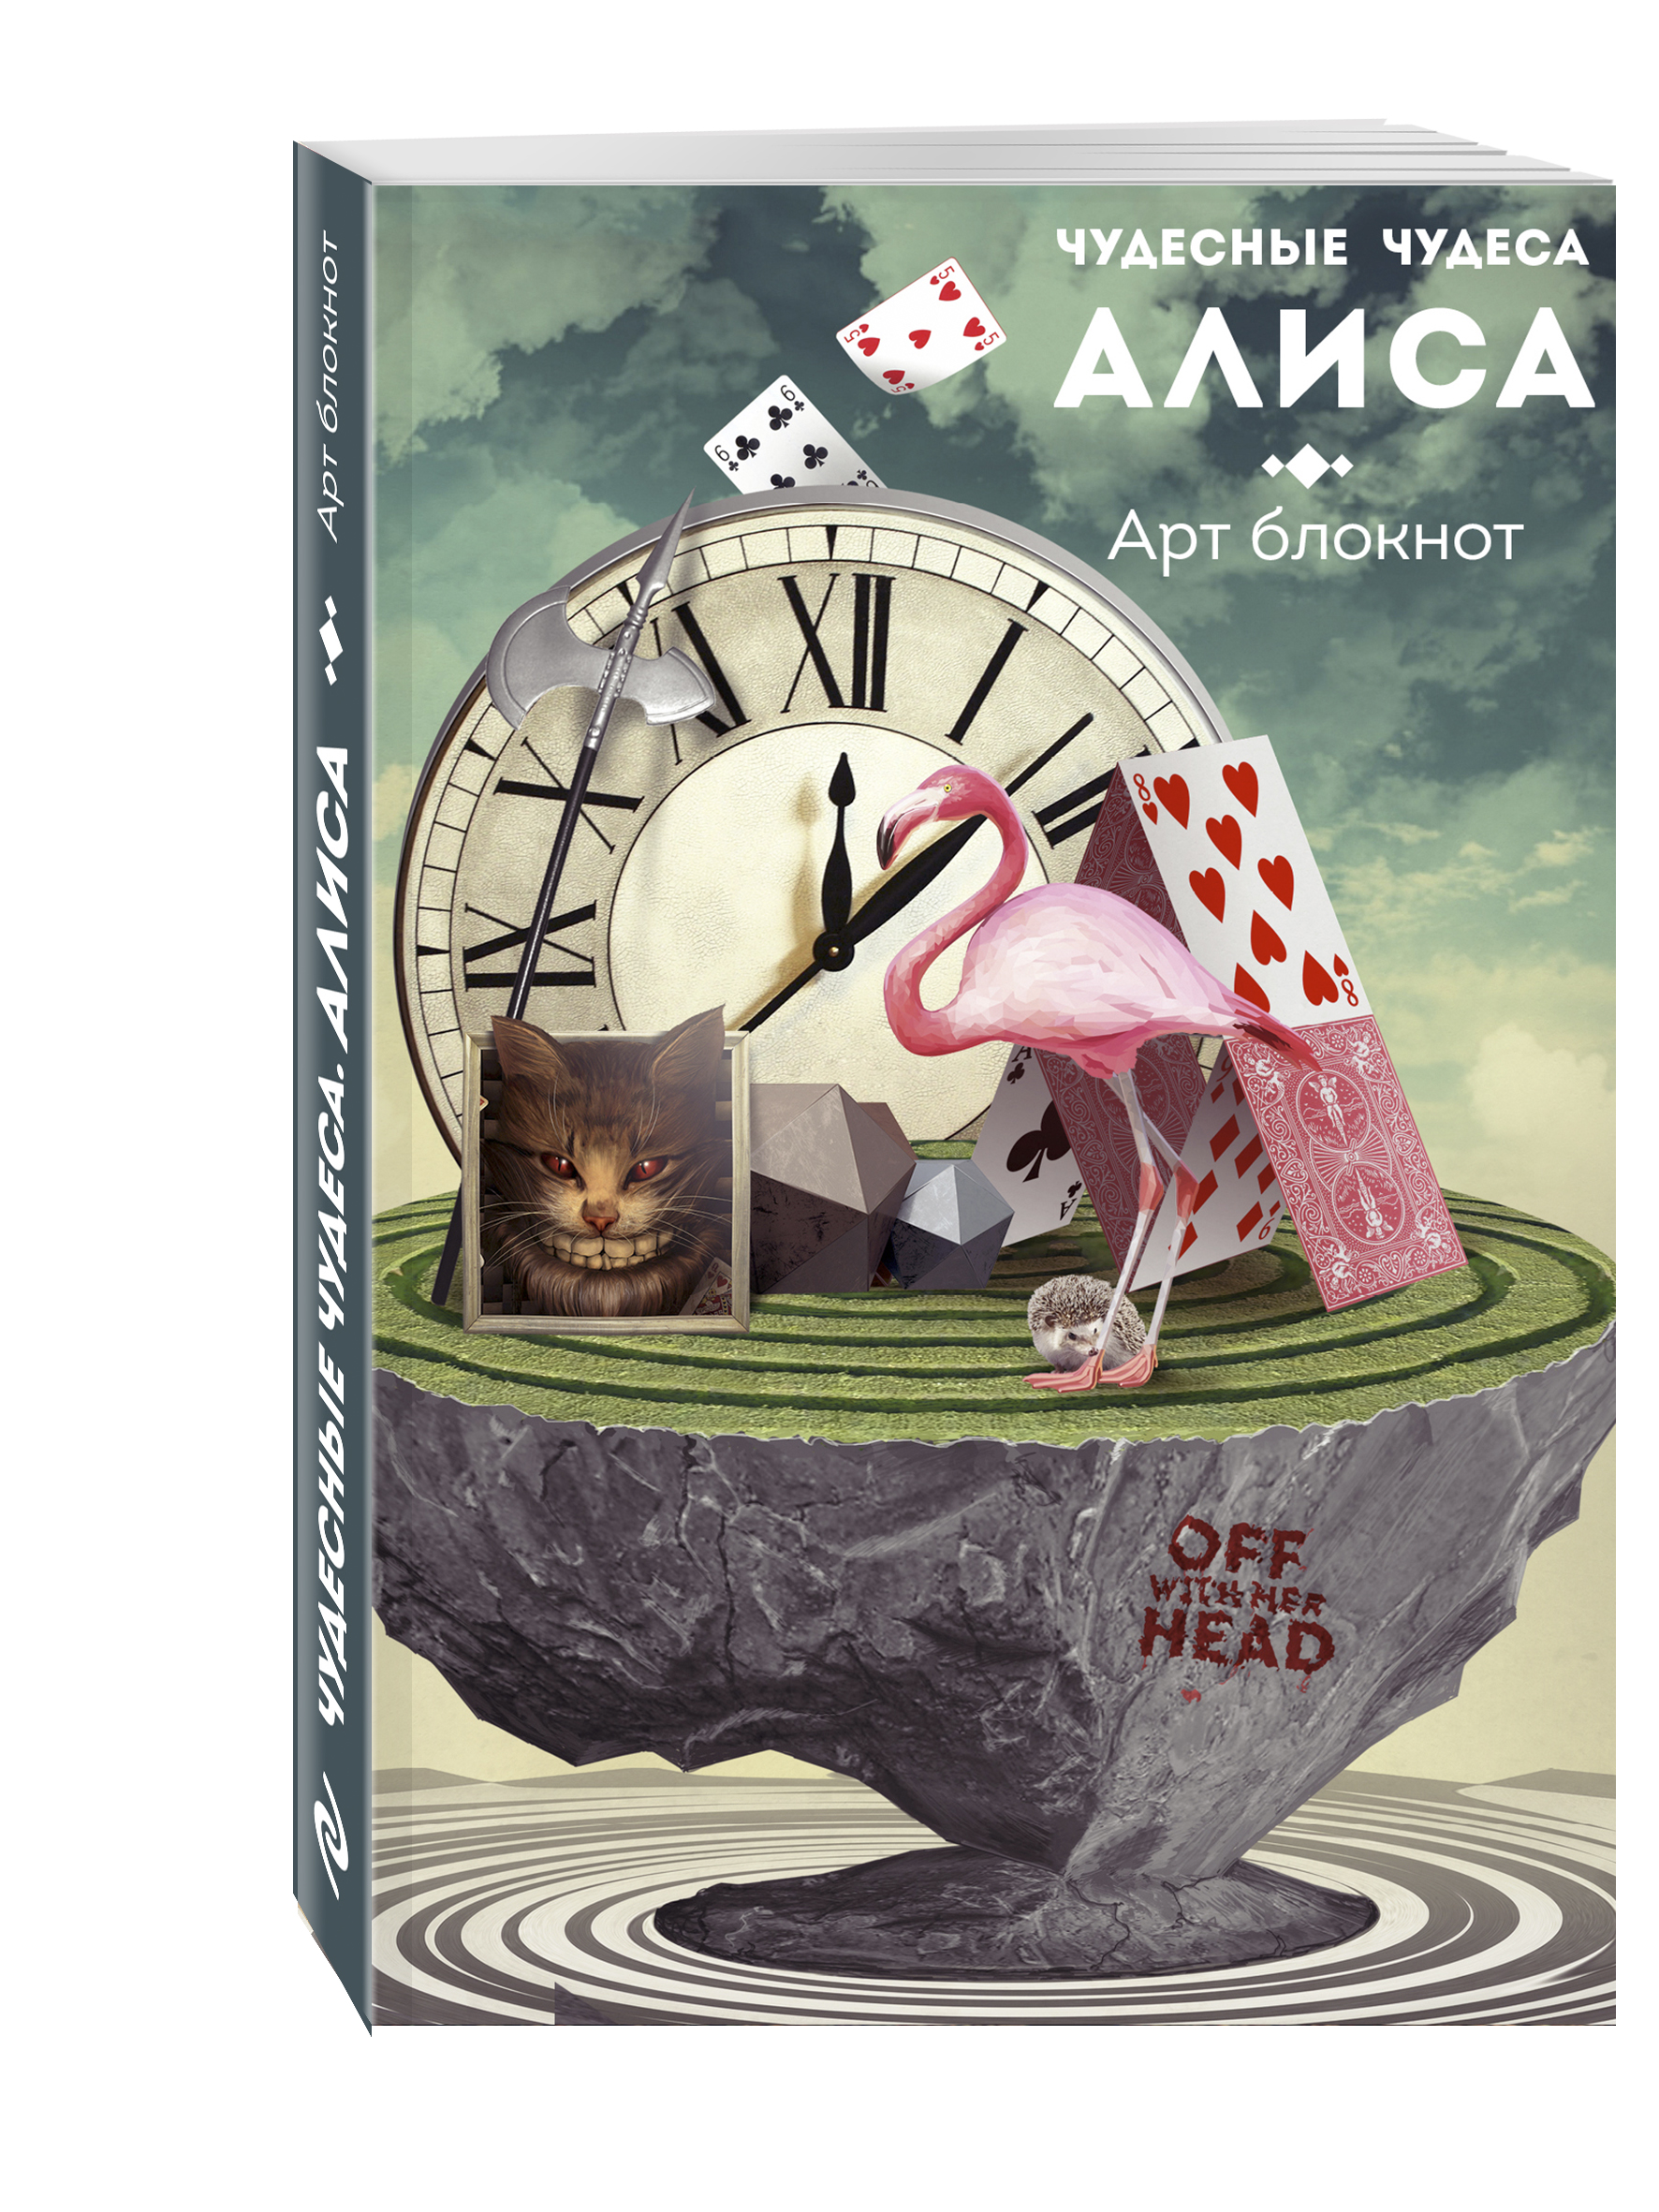 Чудесные чудеса. Алиса от book24.ru